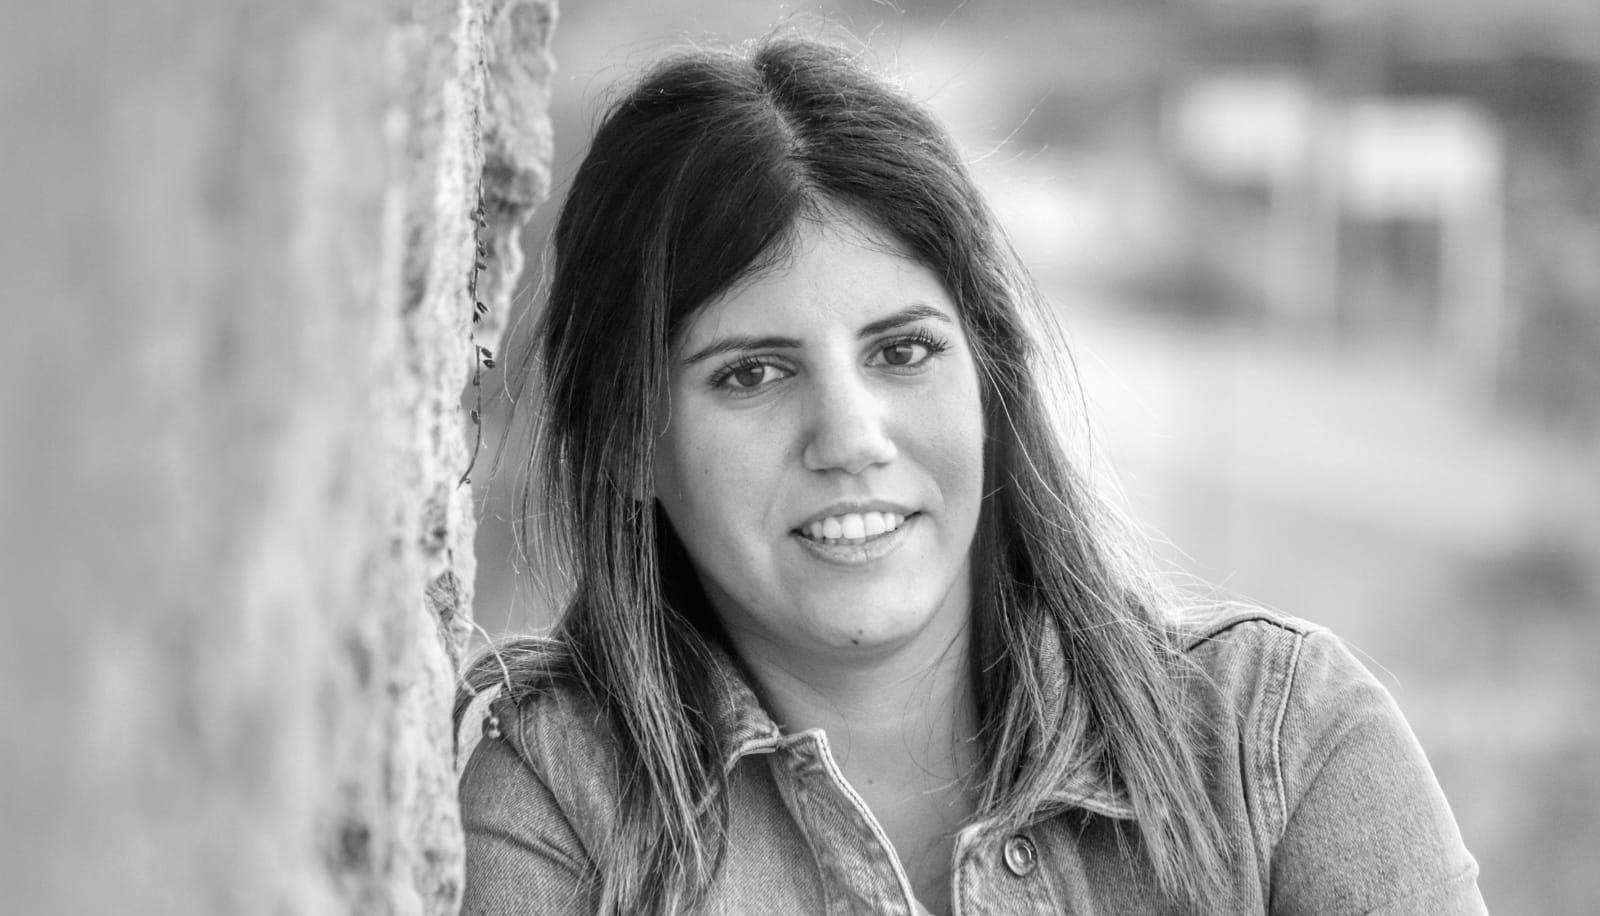 """""""לנשים שעזרו לי בהתמודדות עם גילוי עריות"""": אודט זנו בטור אישי"""